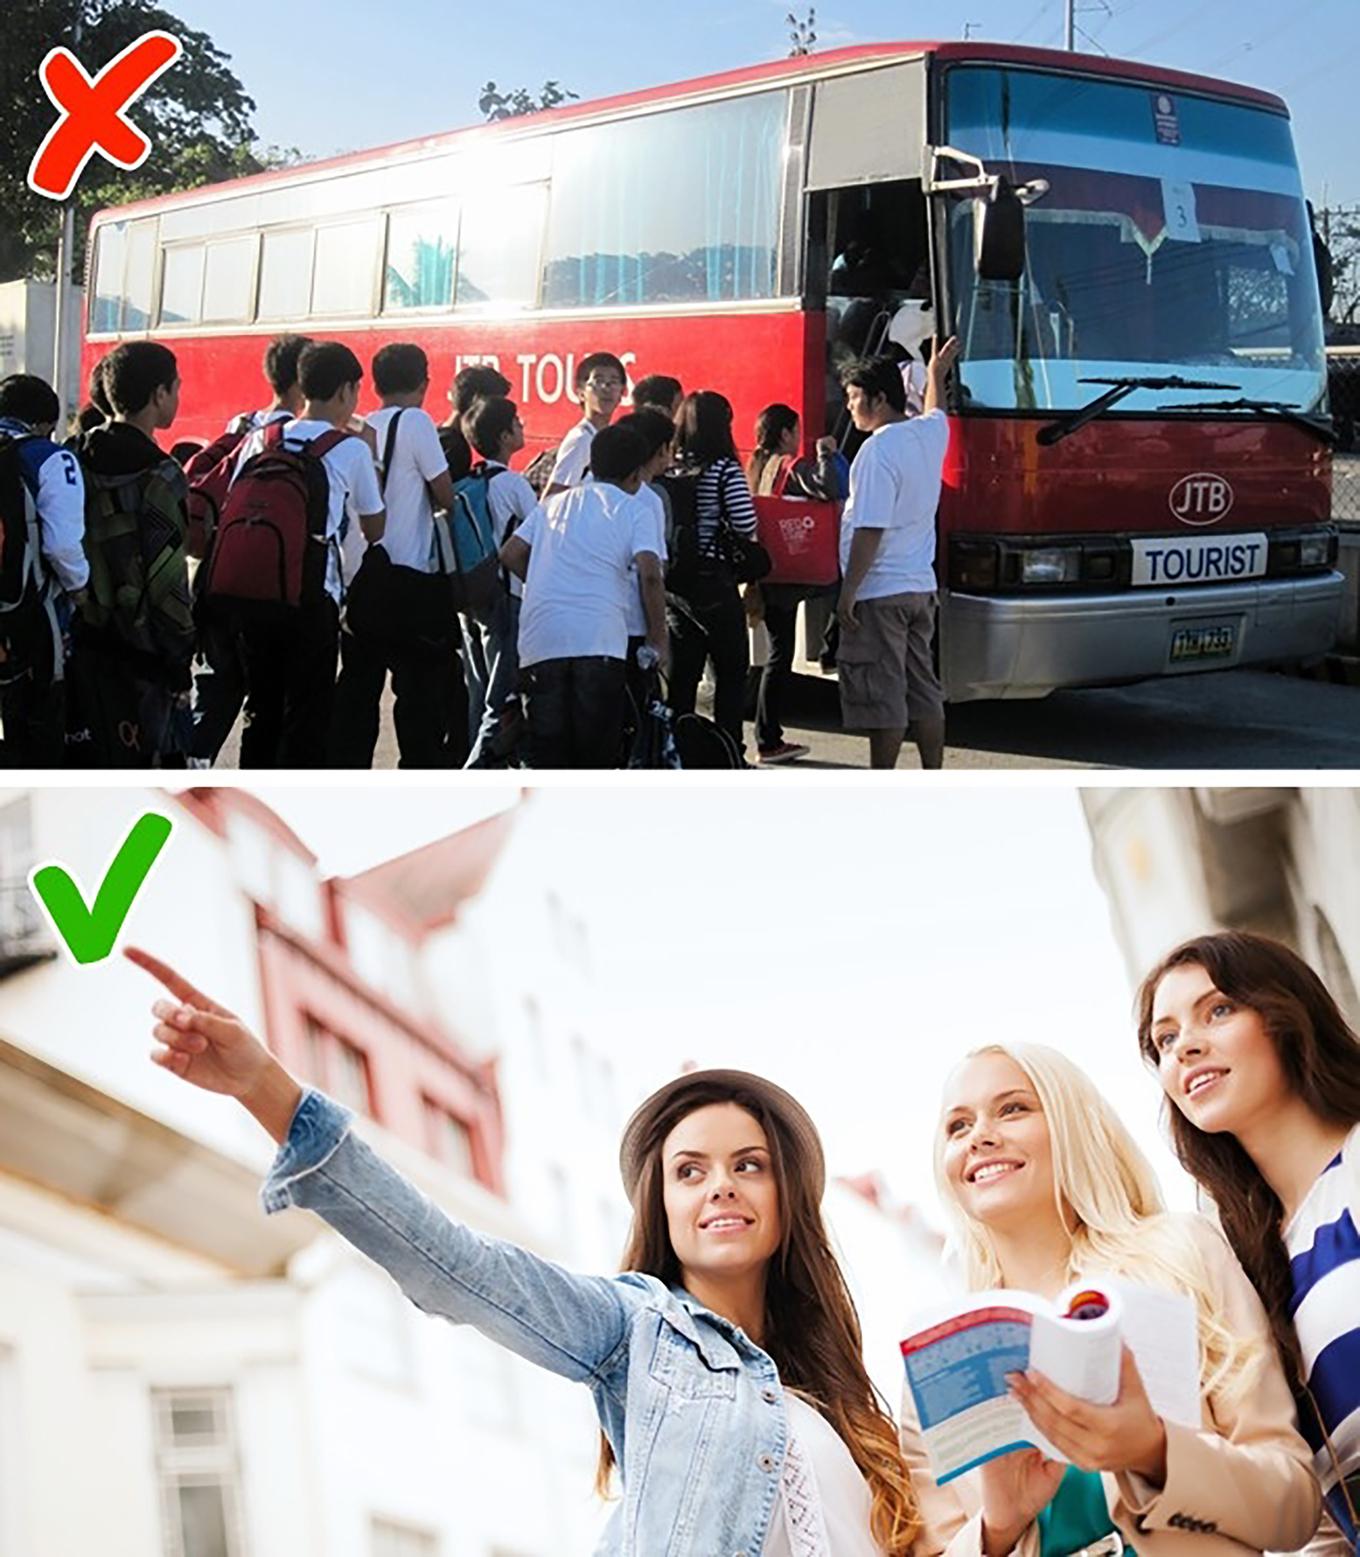 10 sai lầm khách du lịch thường mắc phải